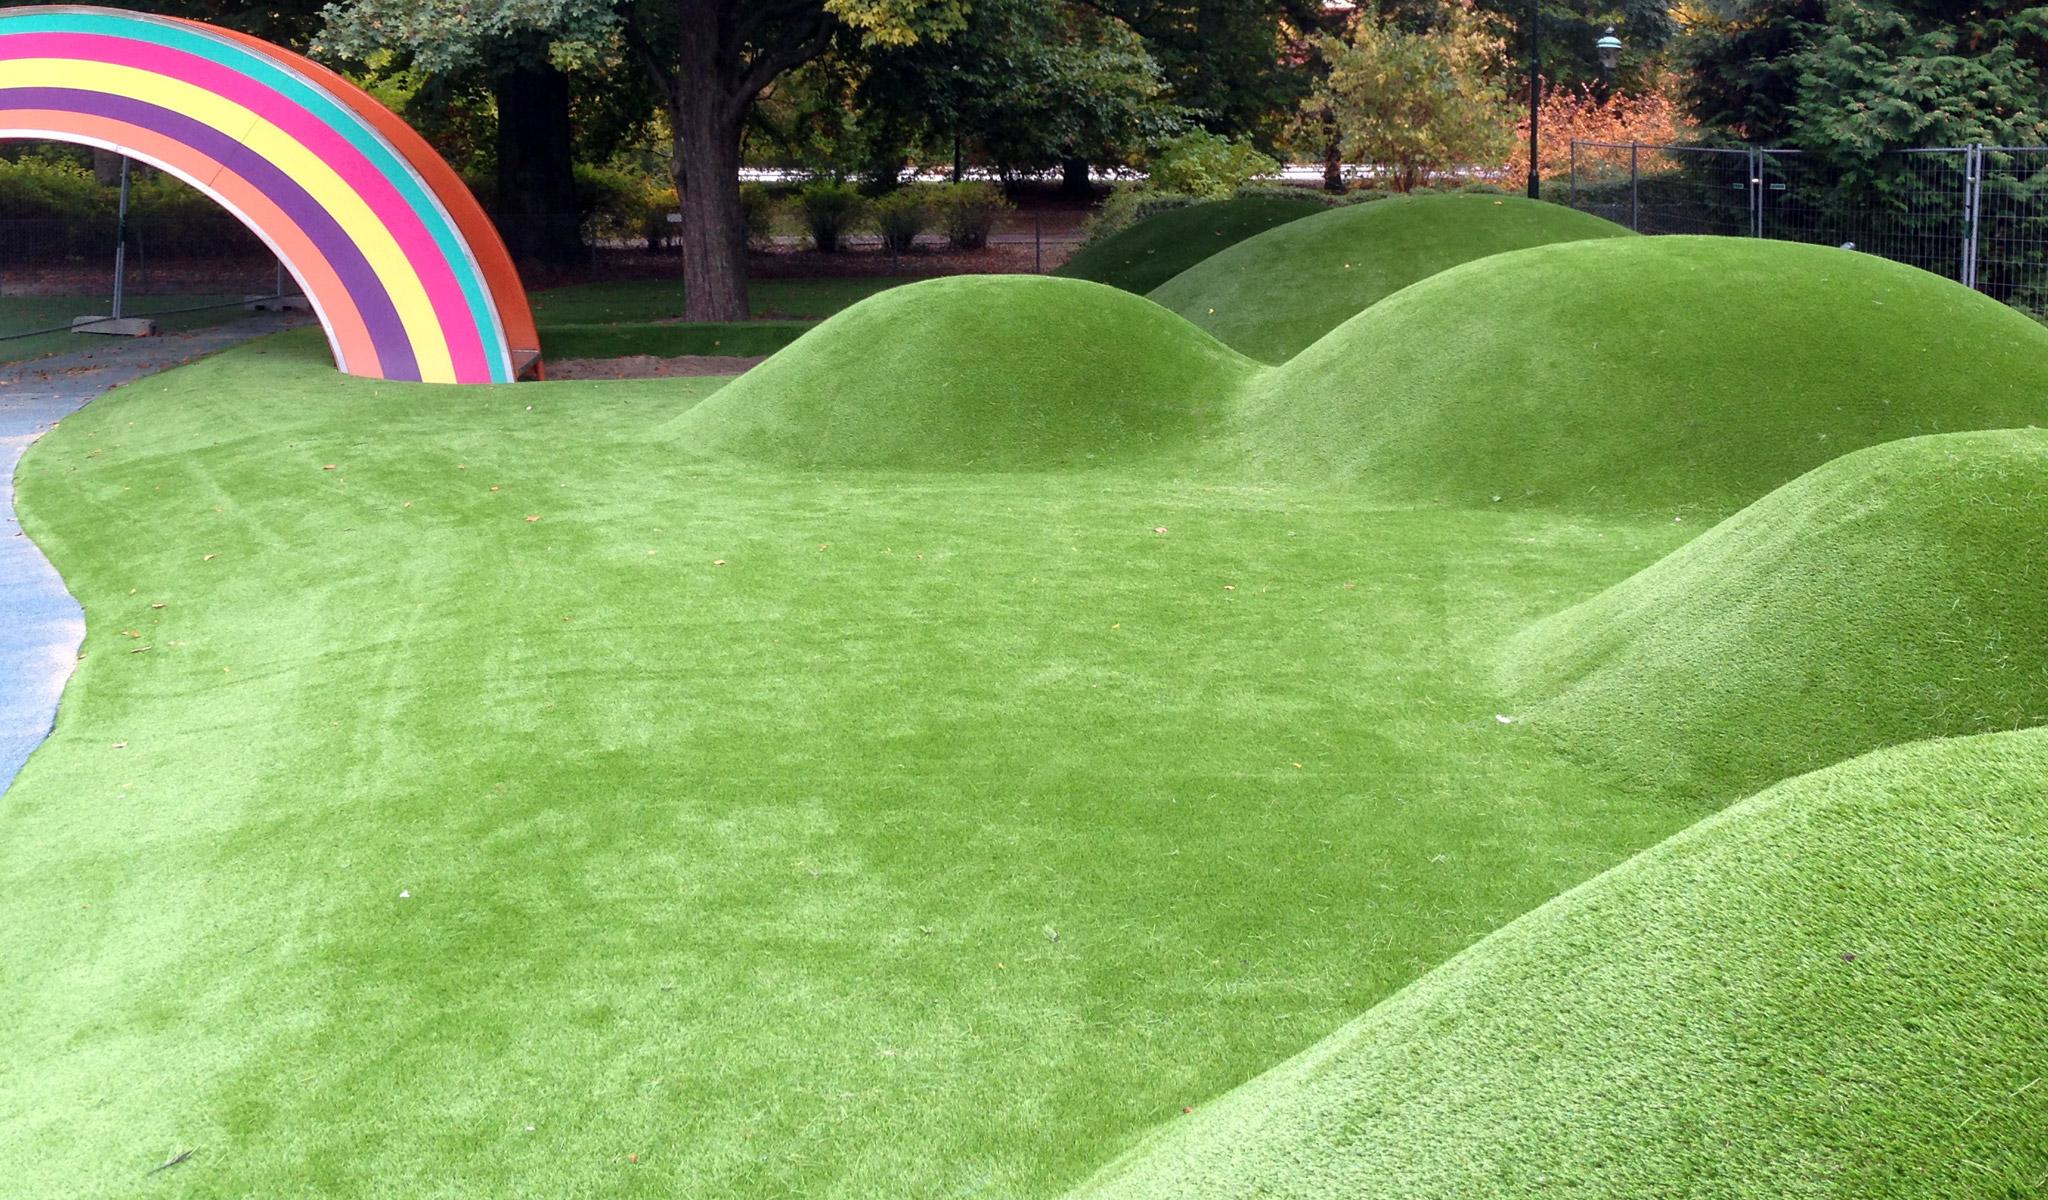 kunstgræs faldunderlag fra unisport